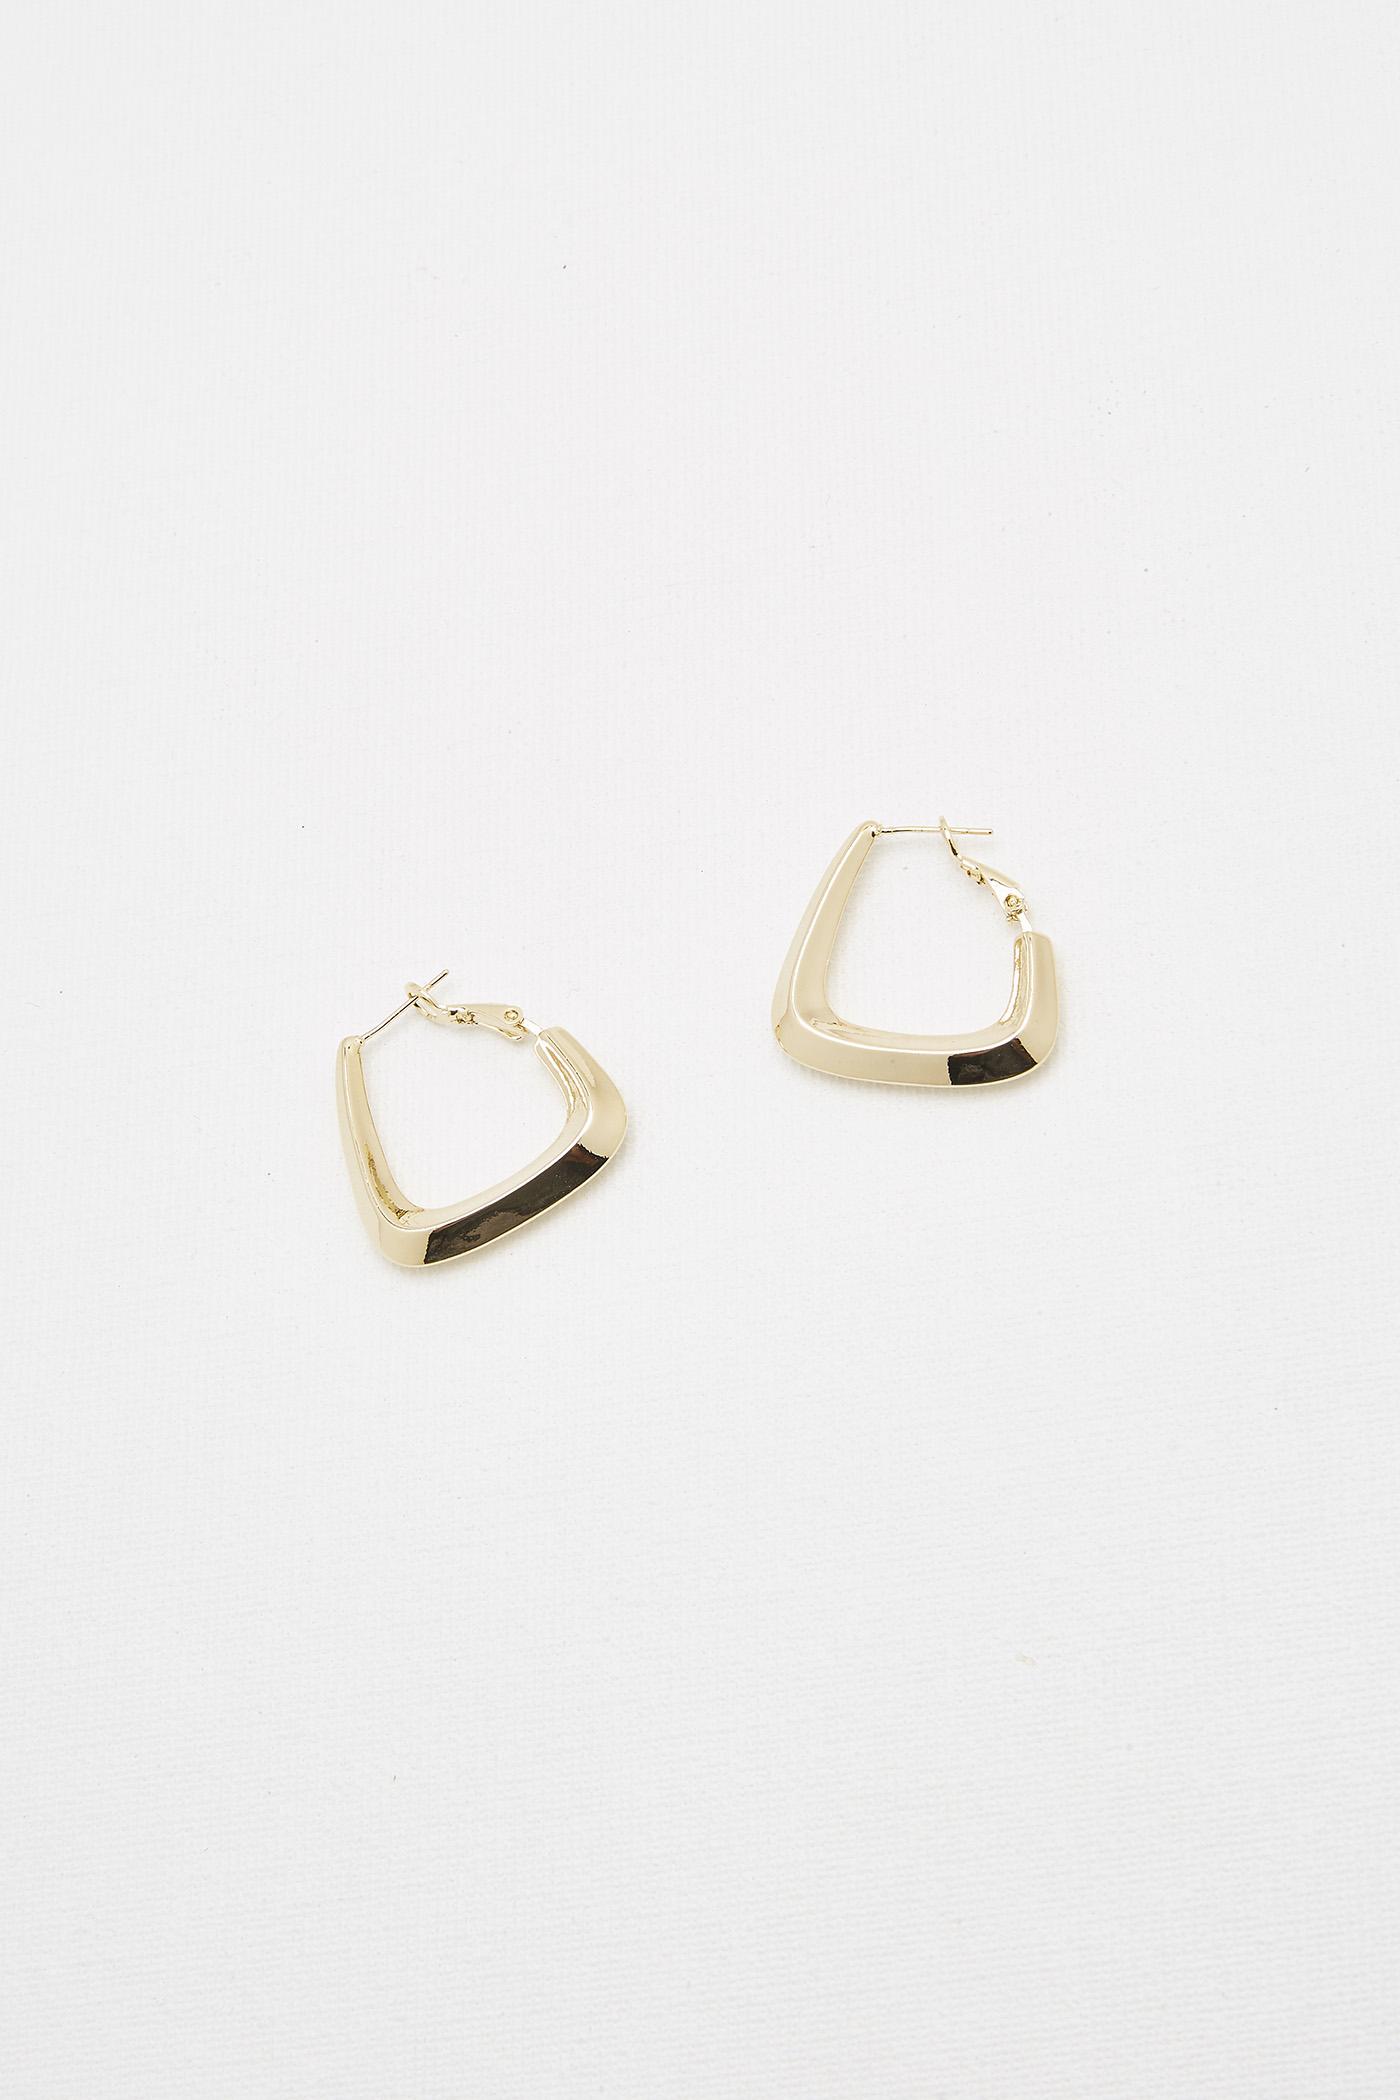 Marley Earrings